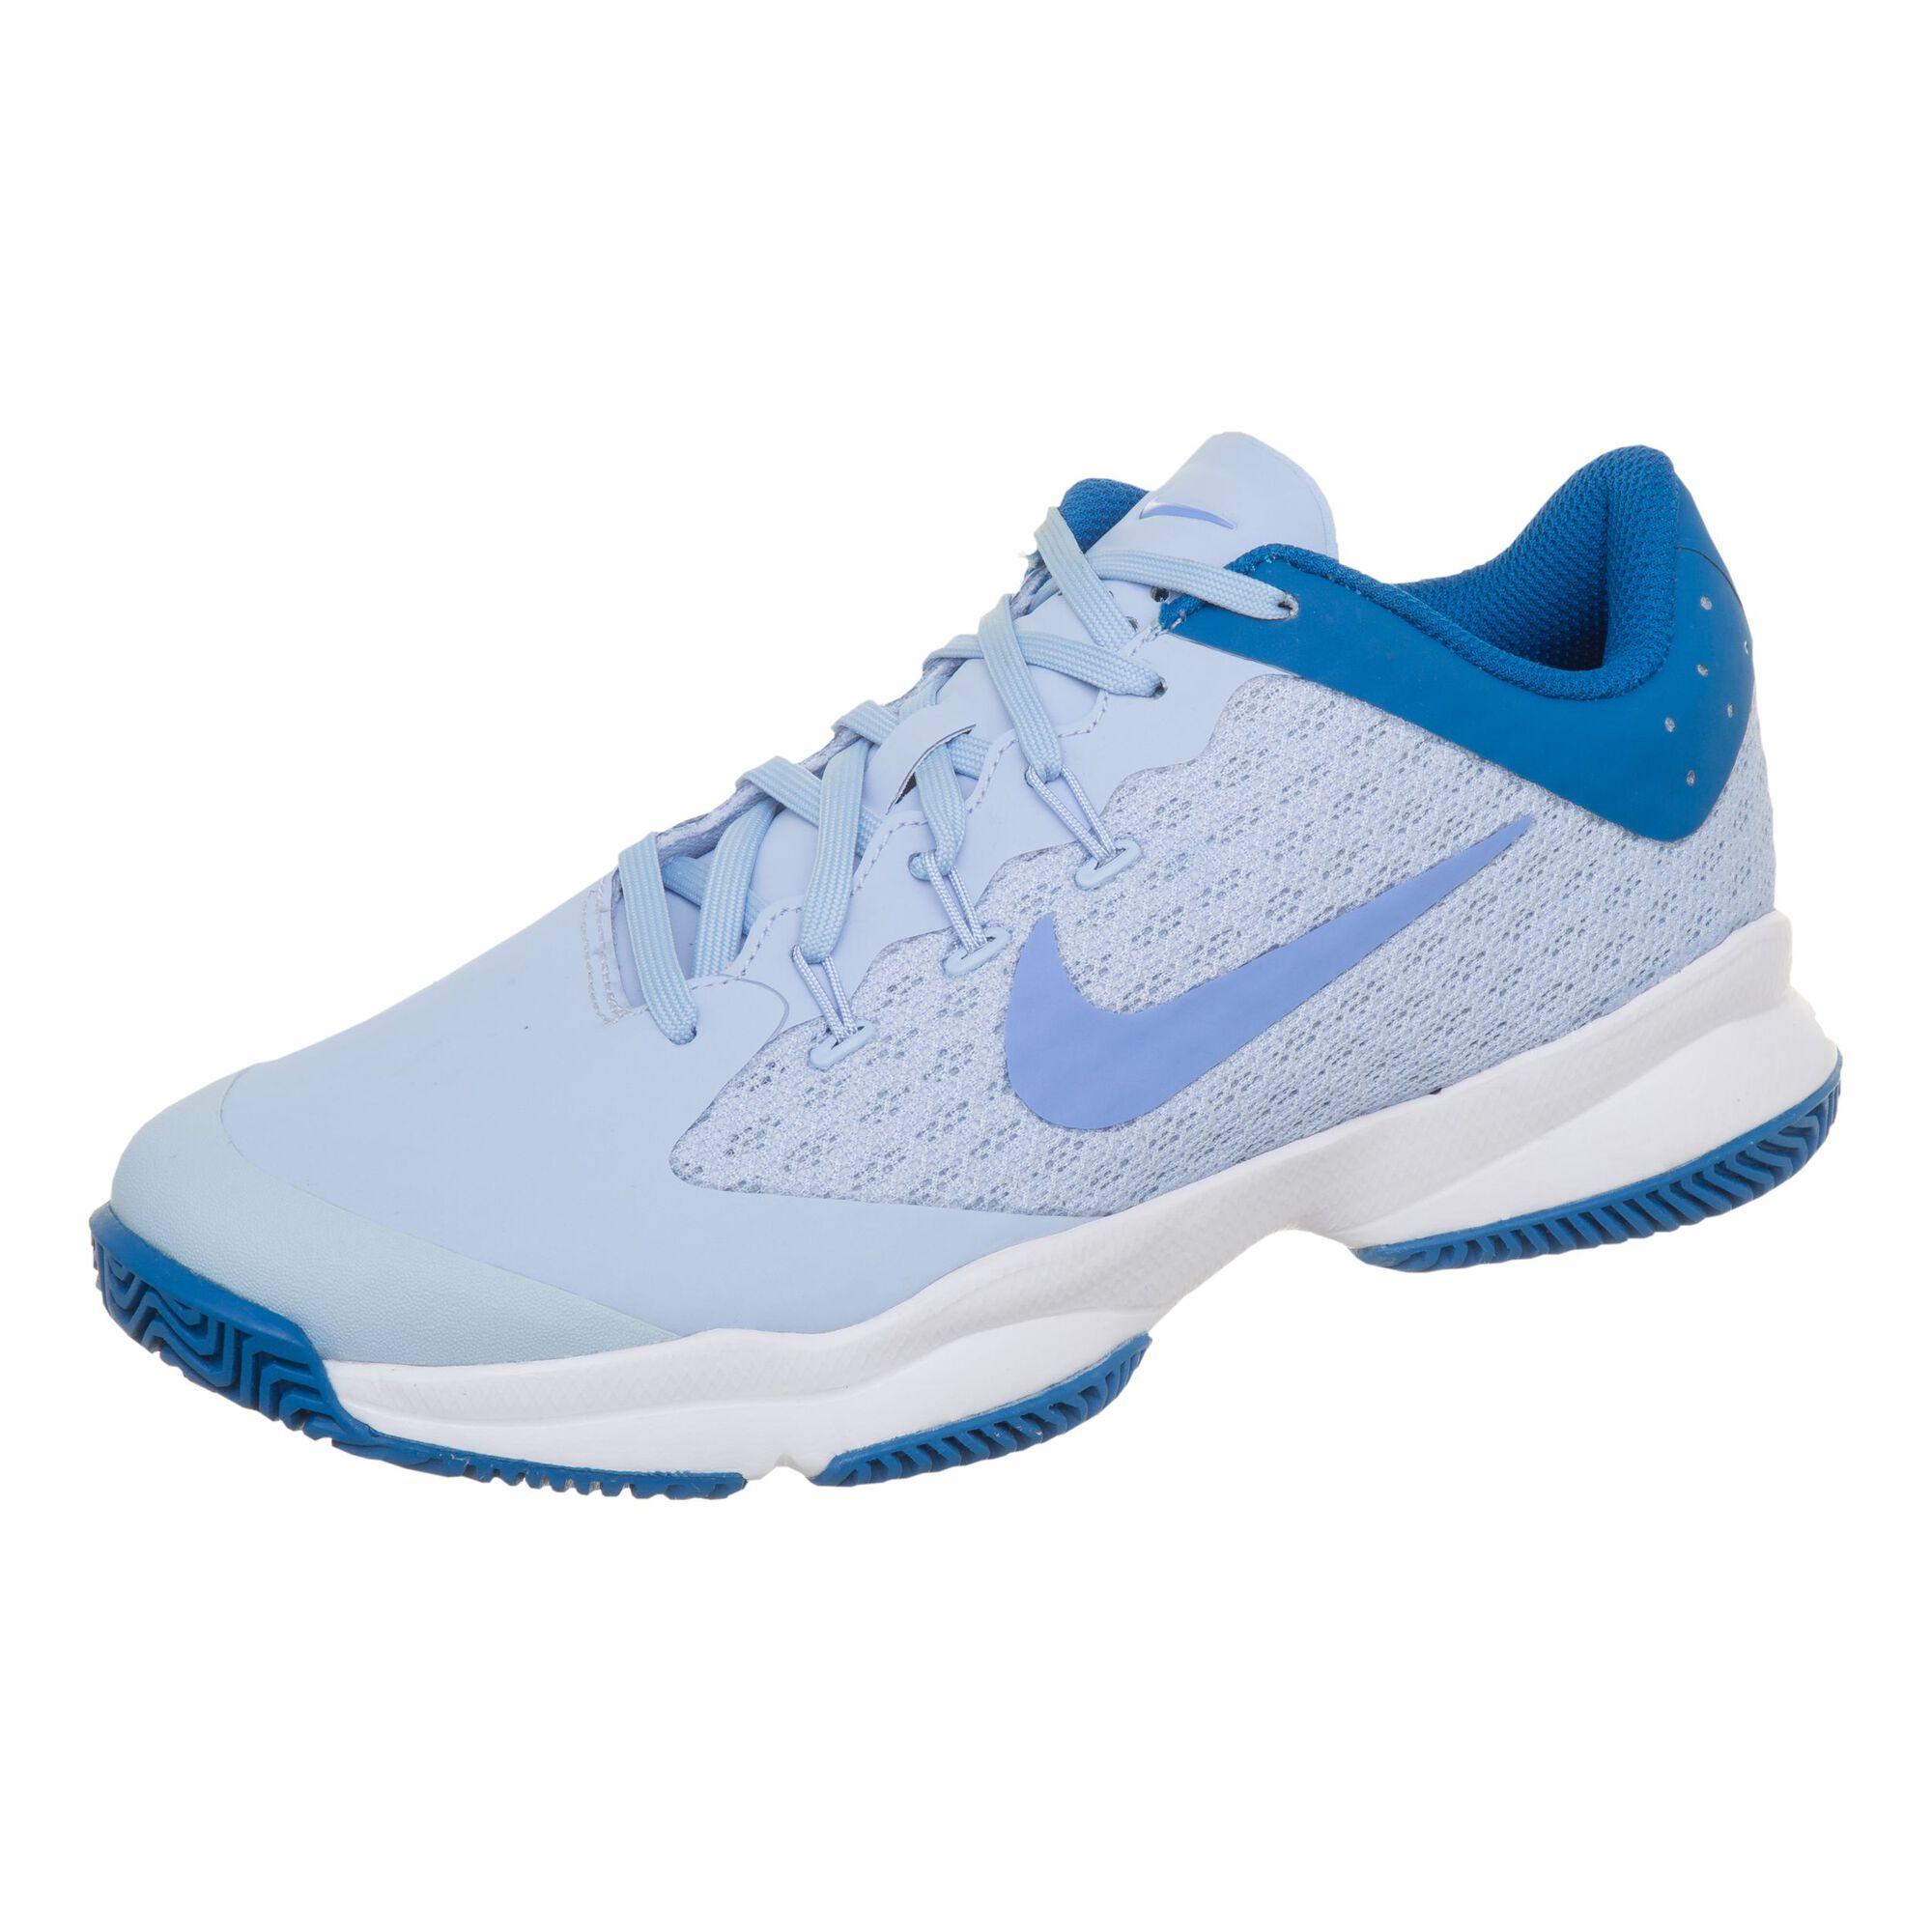 newest de7d4 02717 Nike Air Zoom Ultra Allroundsko Damer - Ljusblå, Blå köp online ...